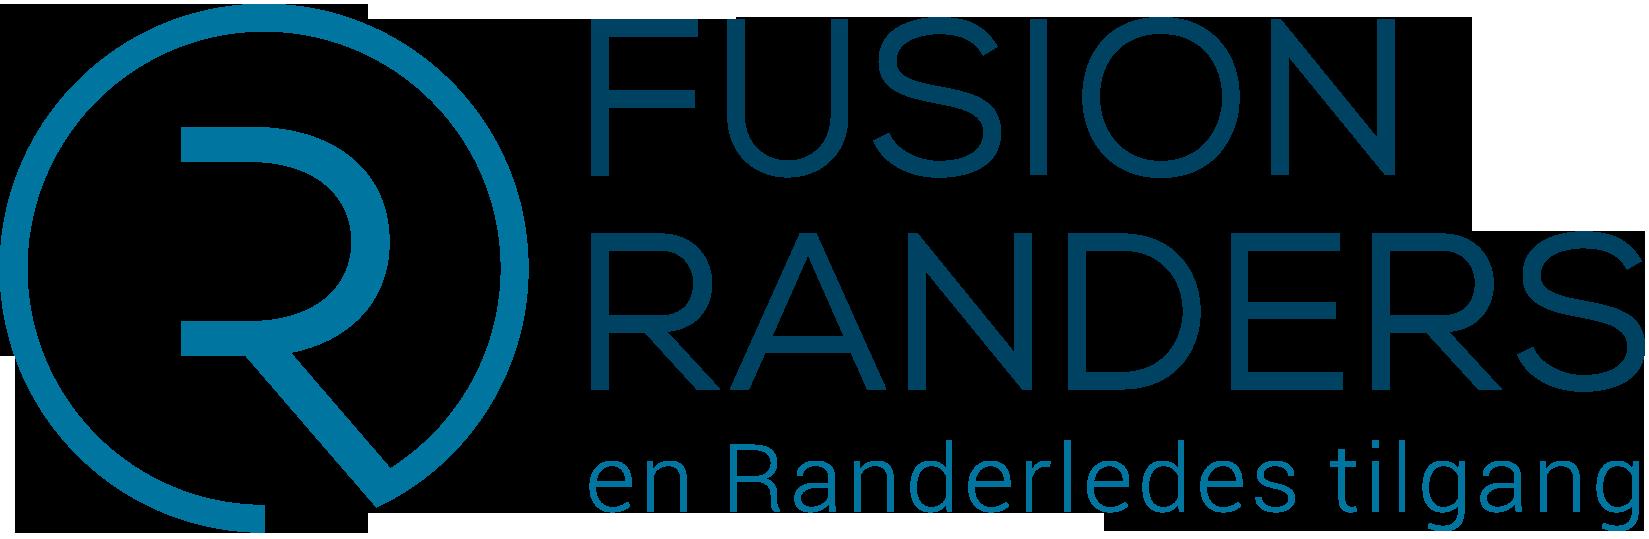 grunde randers kommune